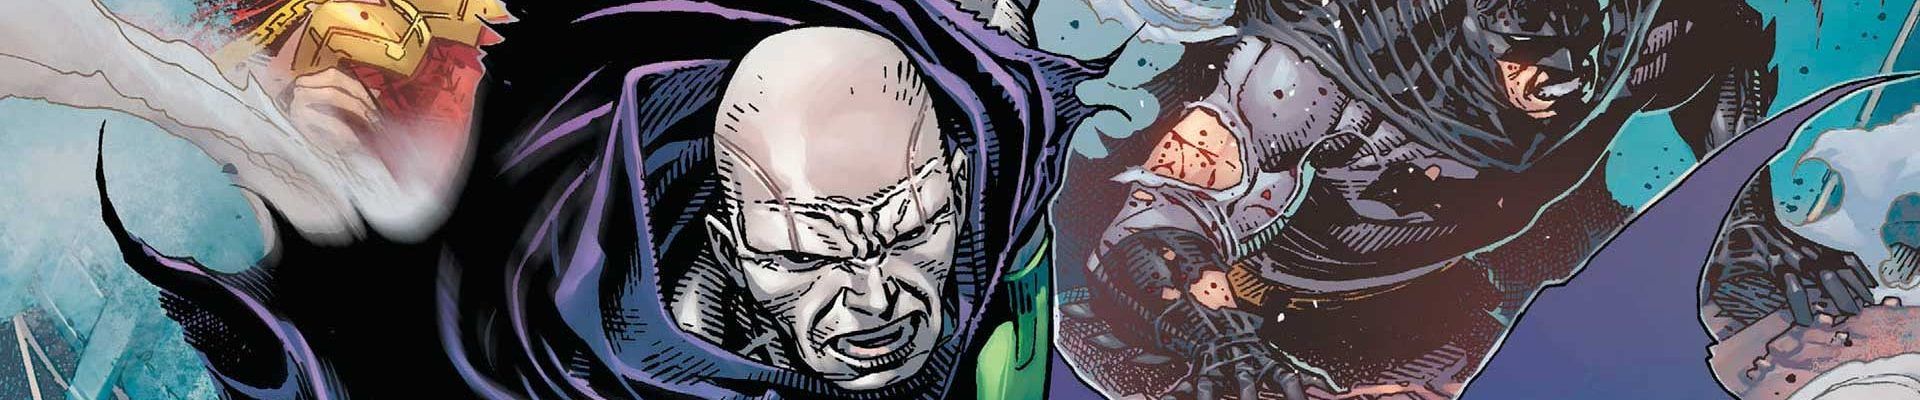 Justice League 28